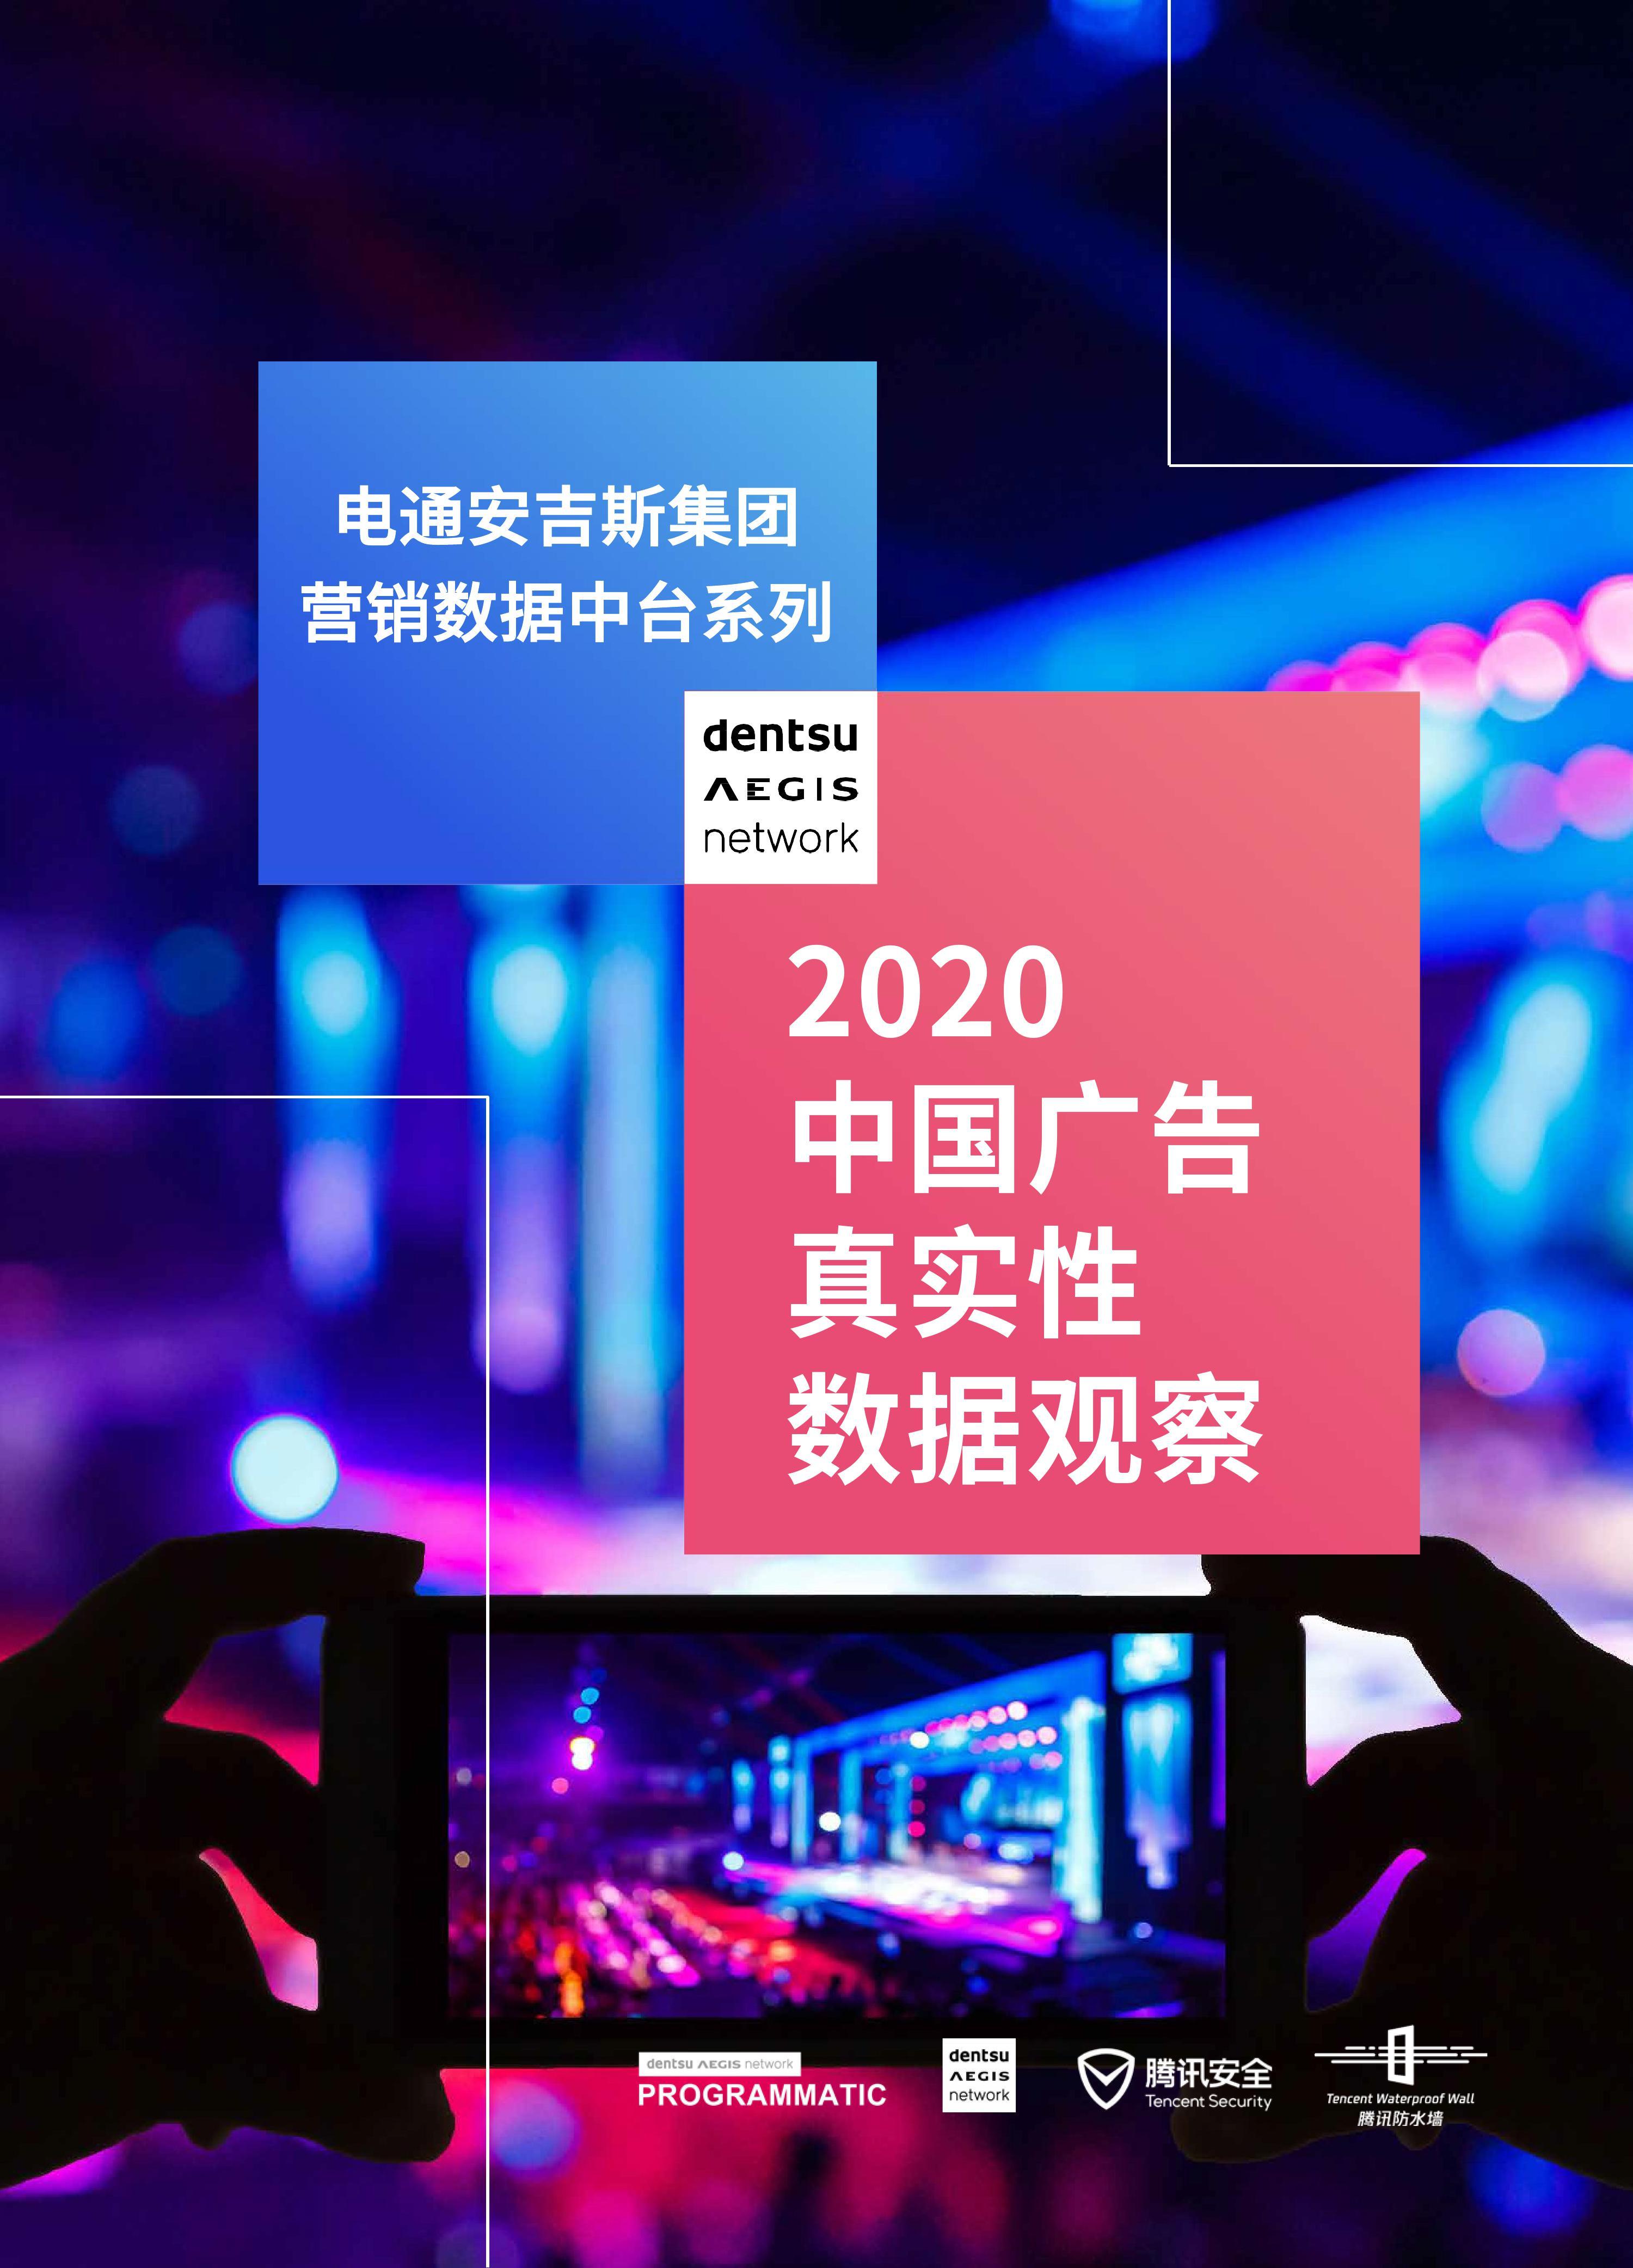 电通安吉斯&腾讯安全:2020中国广告真实性数据观察